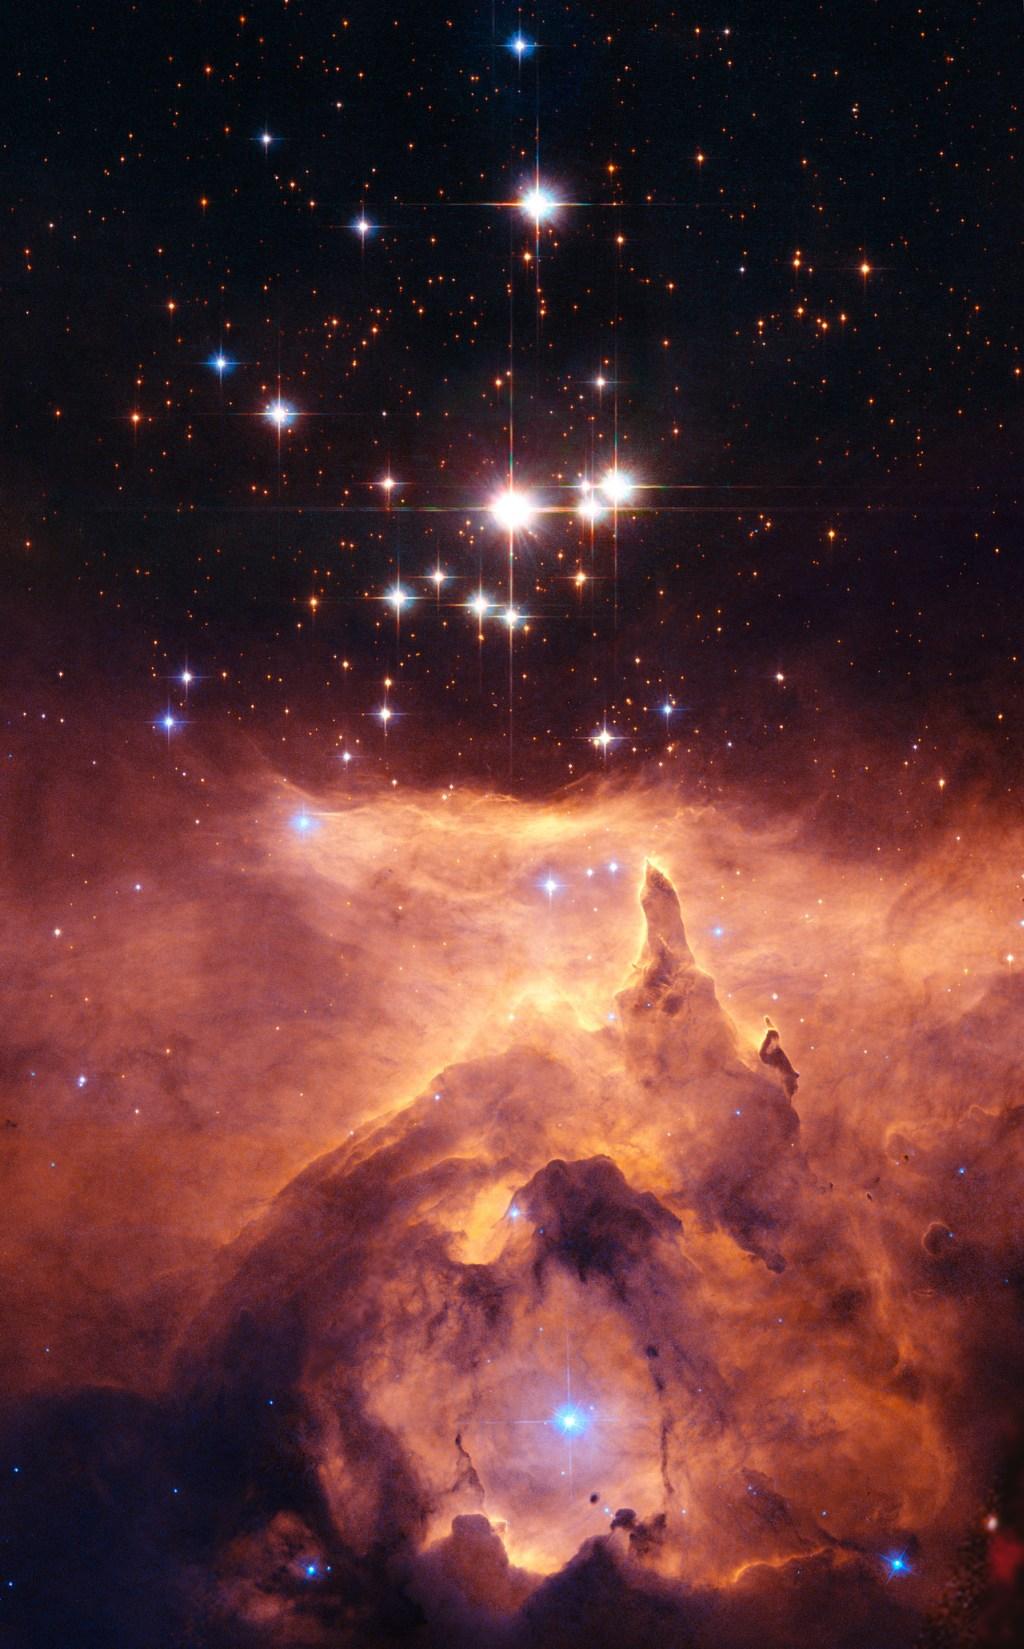 Скопление звезд Prismis 24, находящееся в яркой эмиссионной туманности NGC 6357